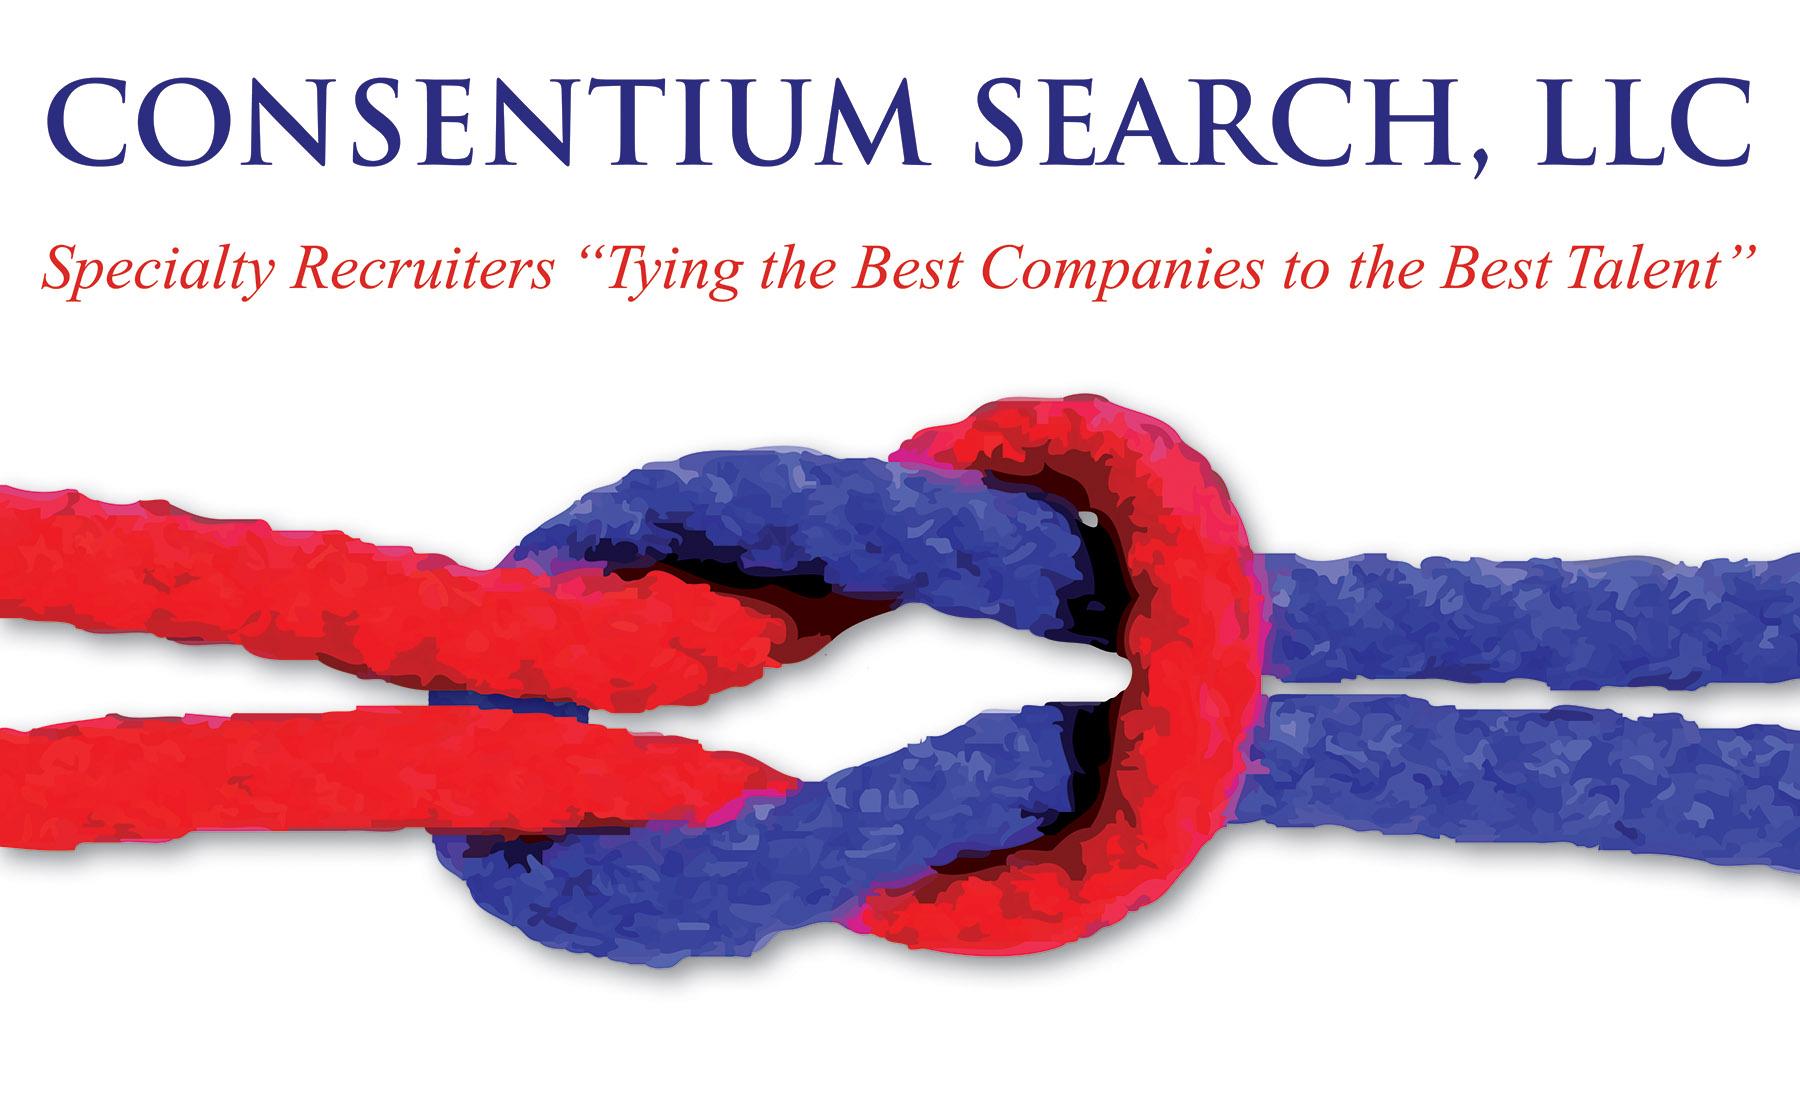 Consentium Search's